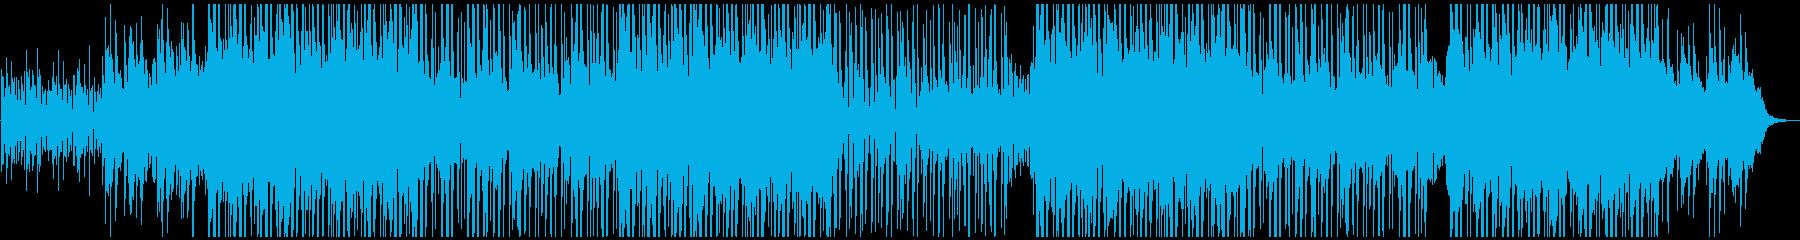 技術的なサウンドのシンセパターン、...の再生済みの波形